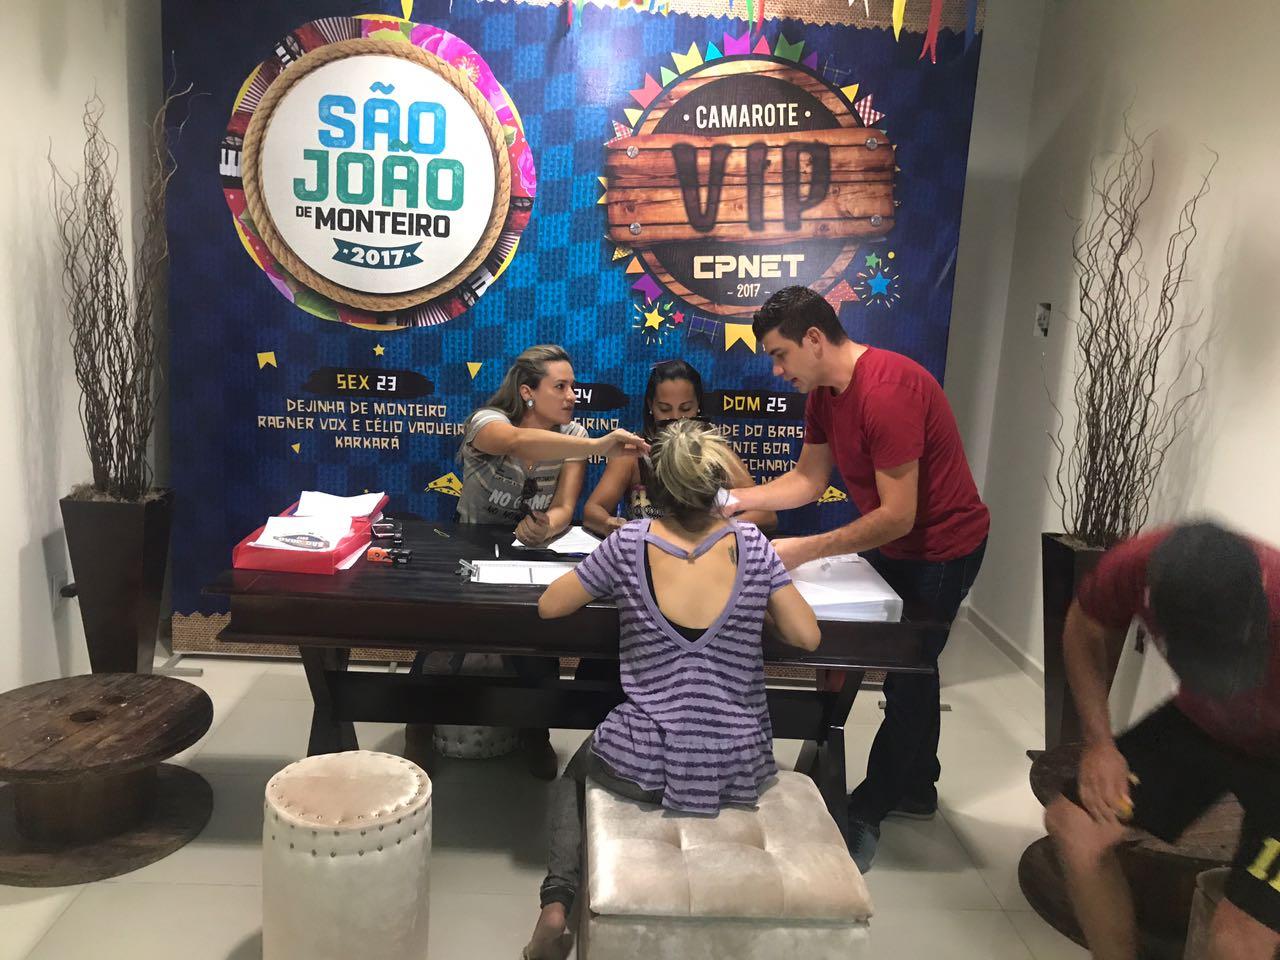 São-João-de-Monteiro-2017-300x225 Começa nesta Sexta venda do segundo lote dos camarotes para o São João de Monteiro 2017